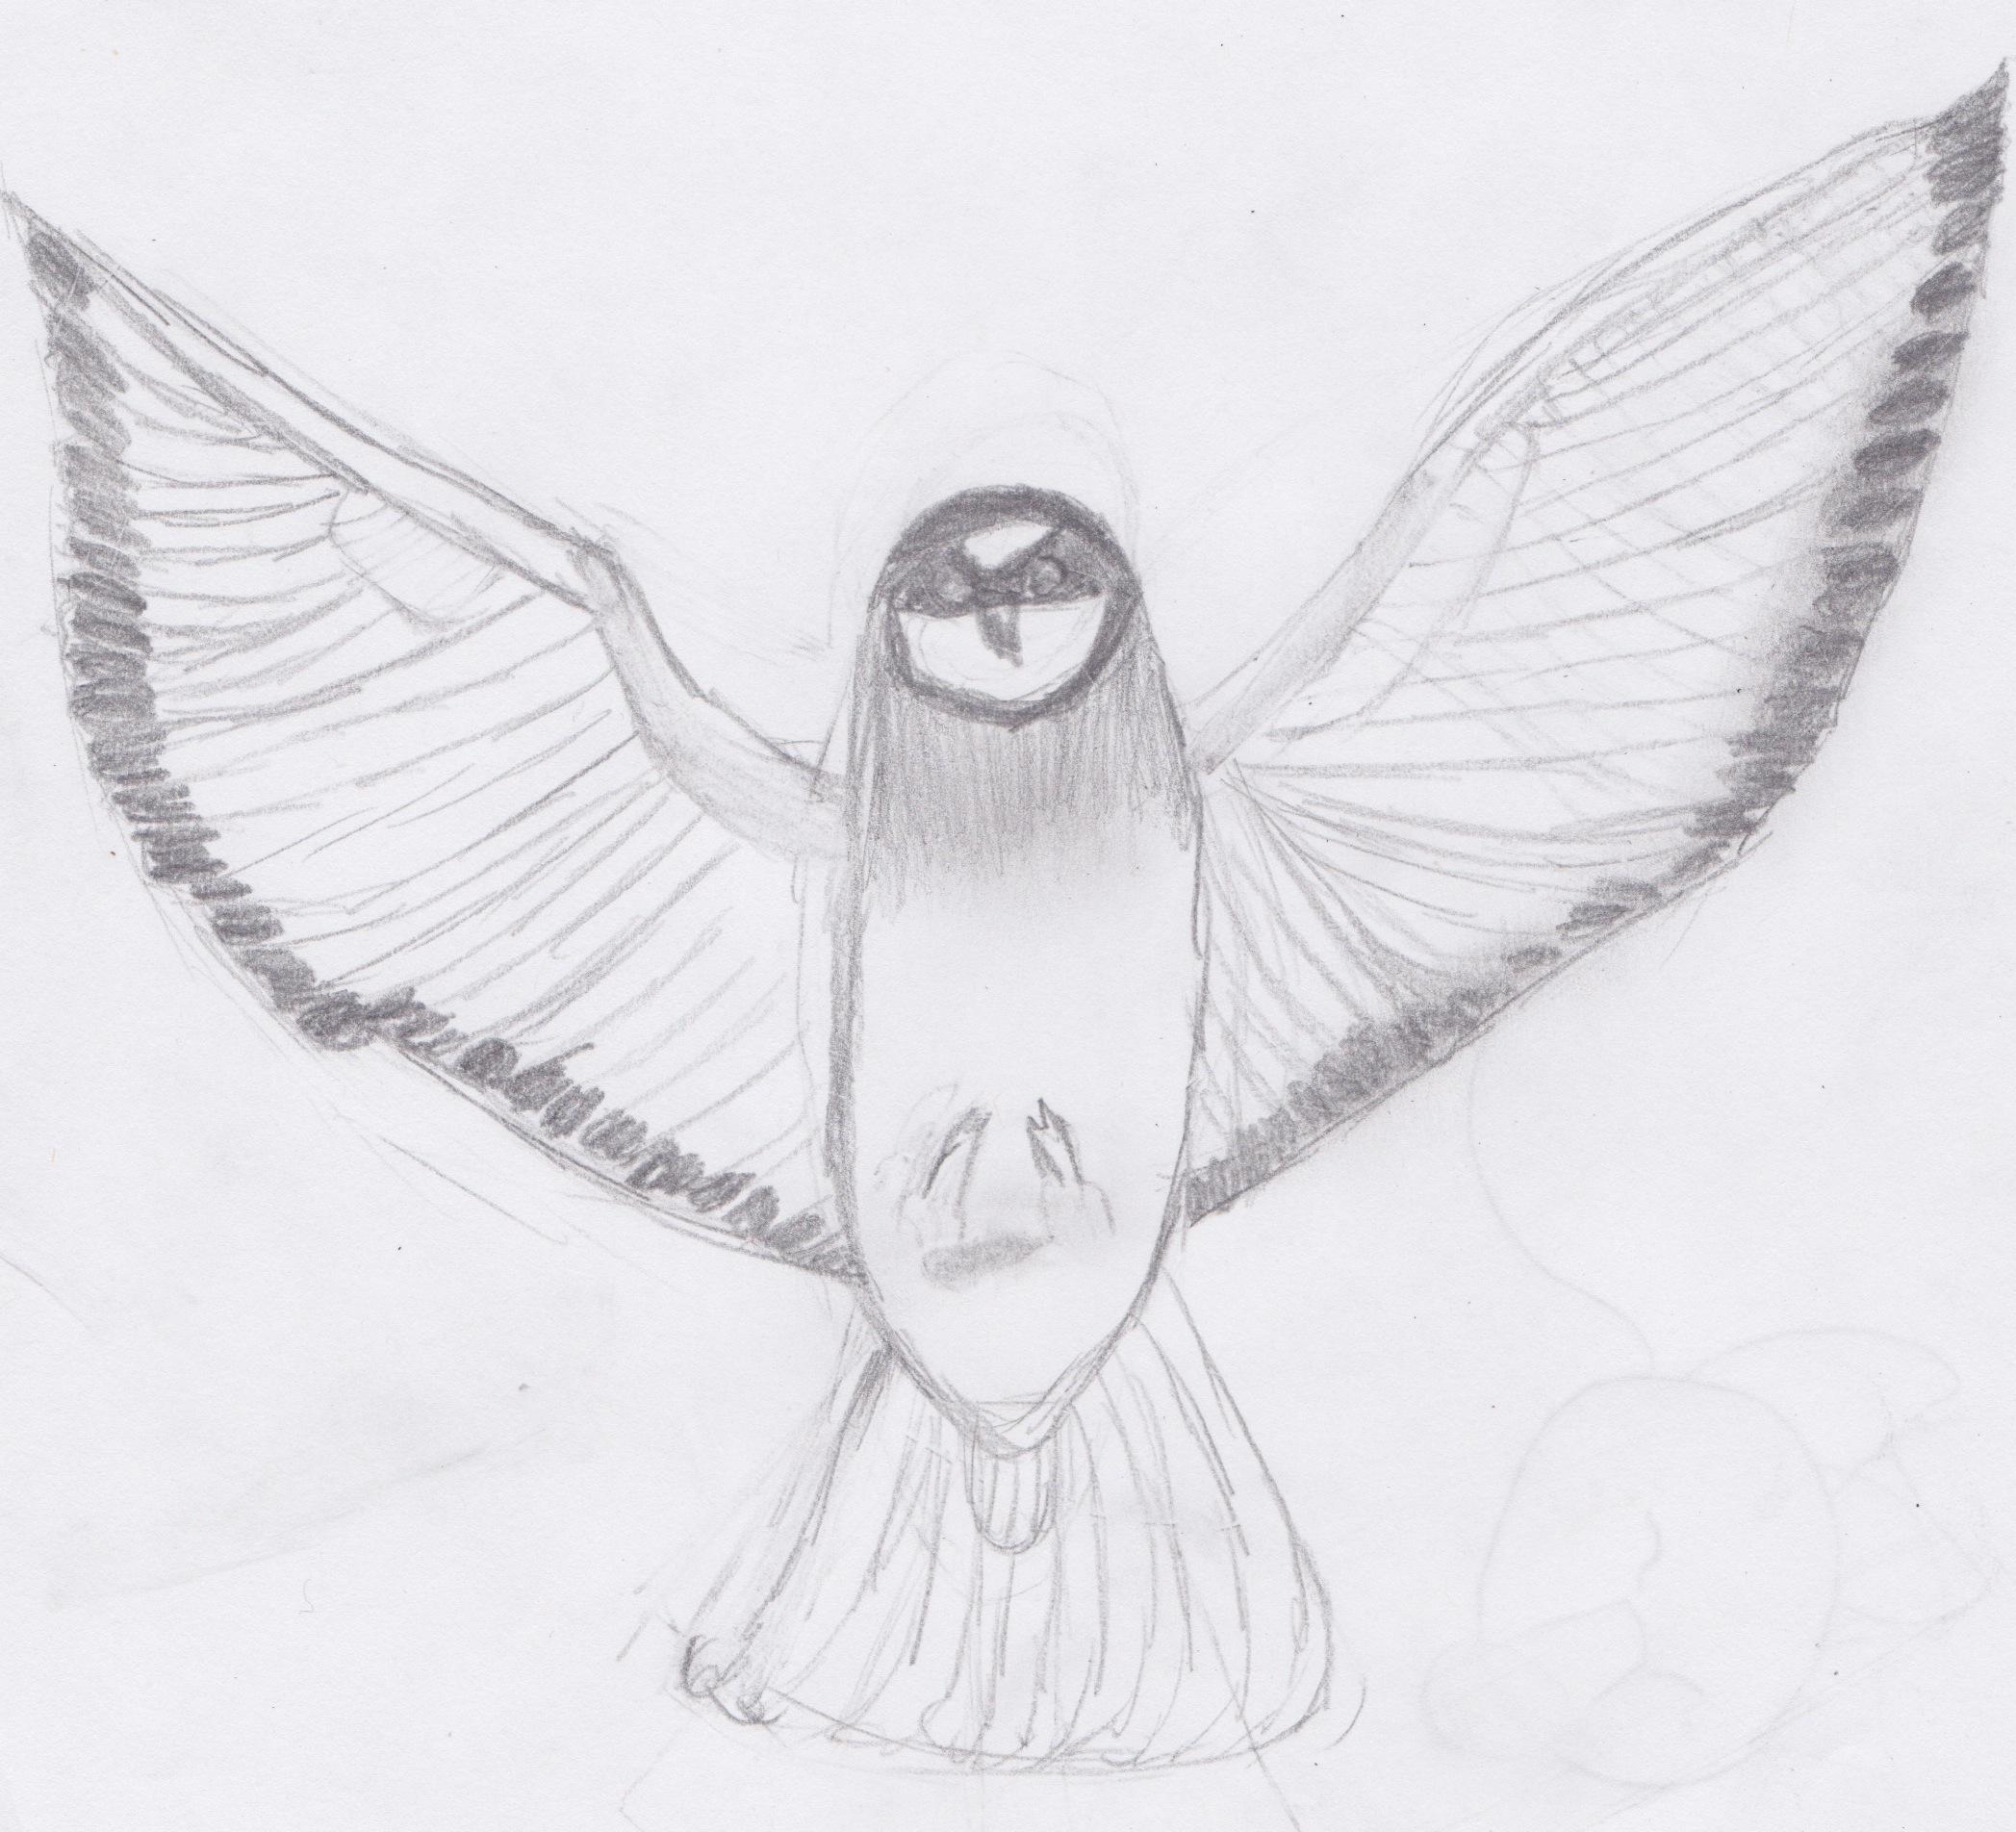 bird pencil sketch by subjectmatters on deviantart